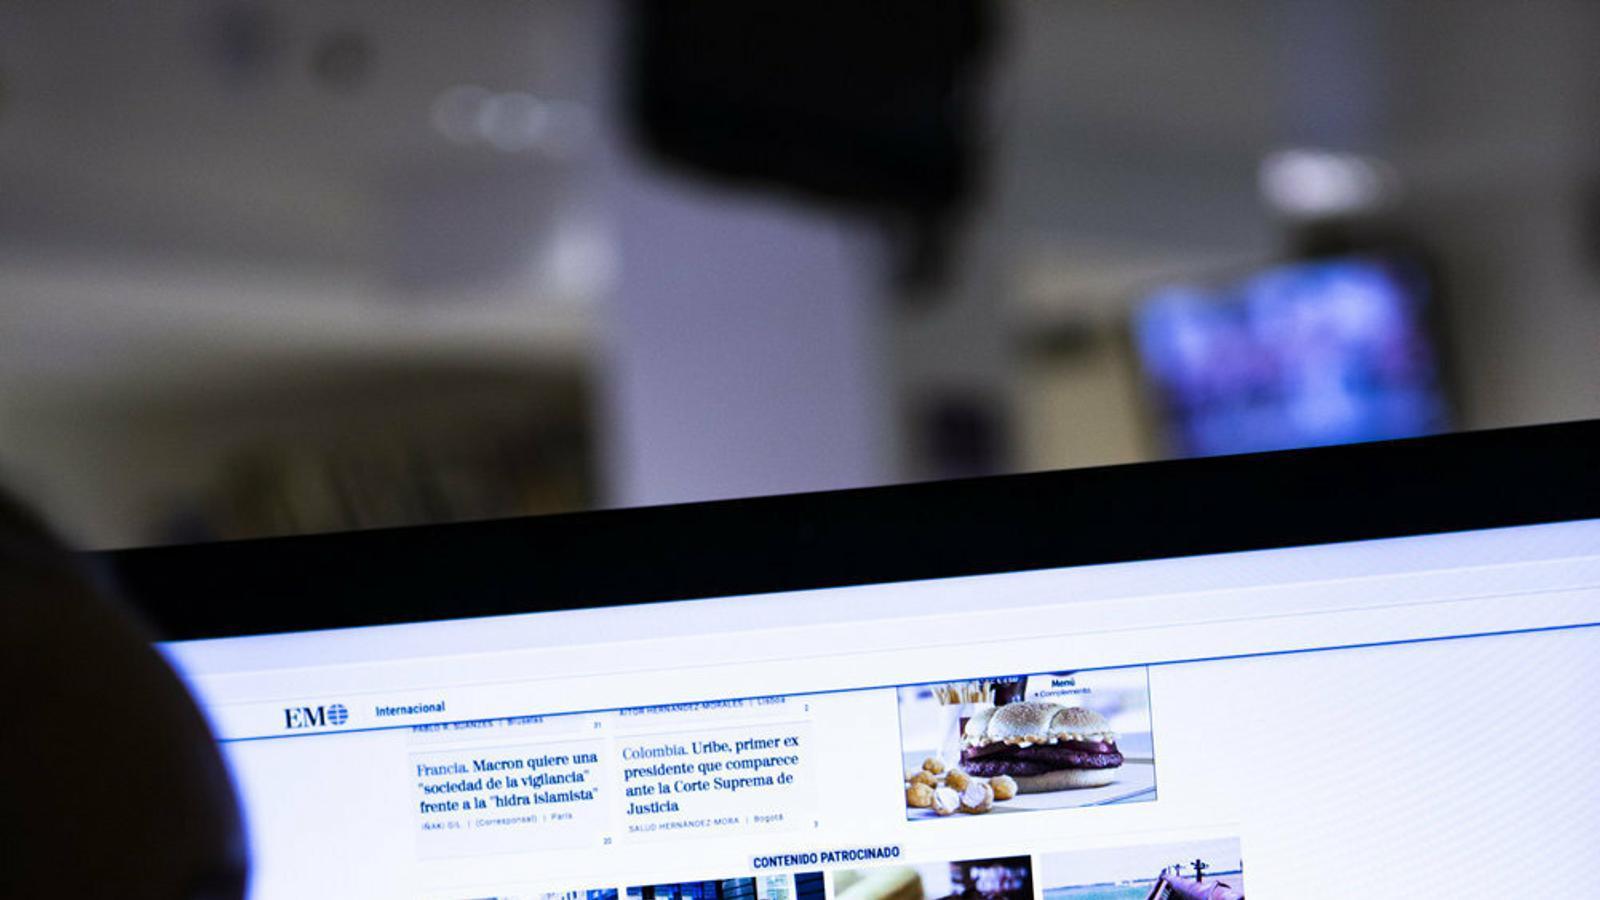 Les webs de molts mitjans inclouen chumbox, anuncis amb continguts estrafolaris situats als peus dels articles i que sovint envien a pàgines desconegudes.